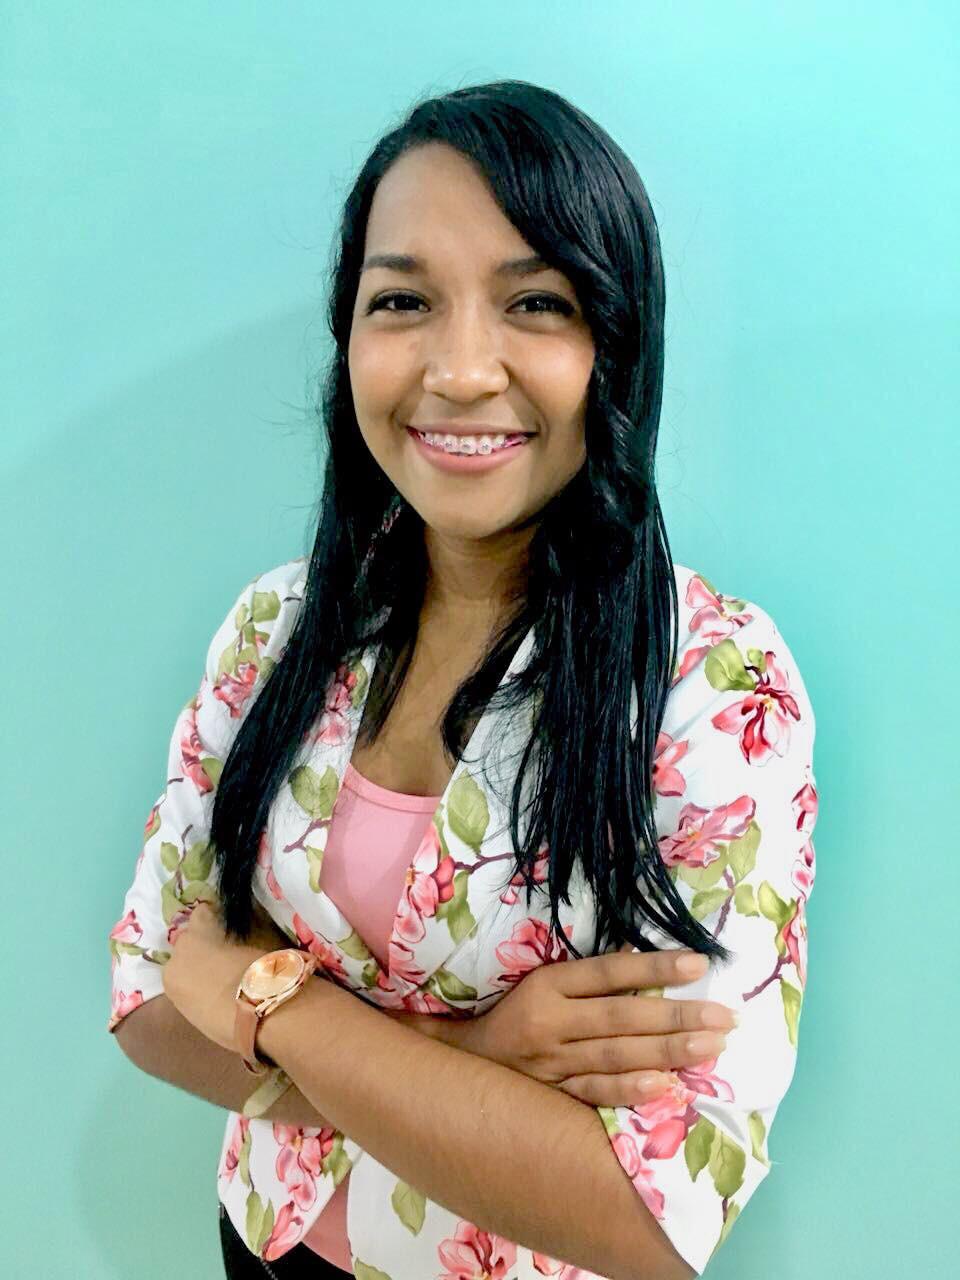 Saily Arana